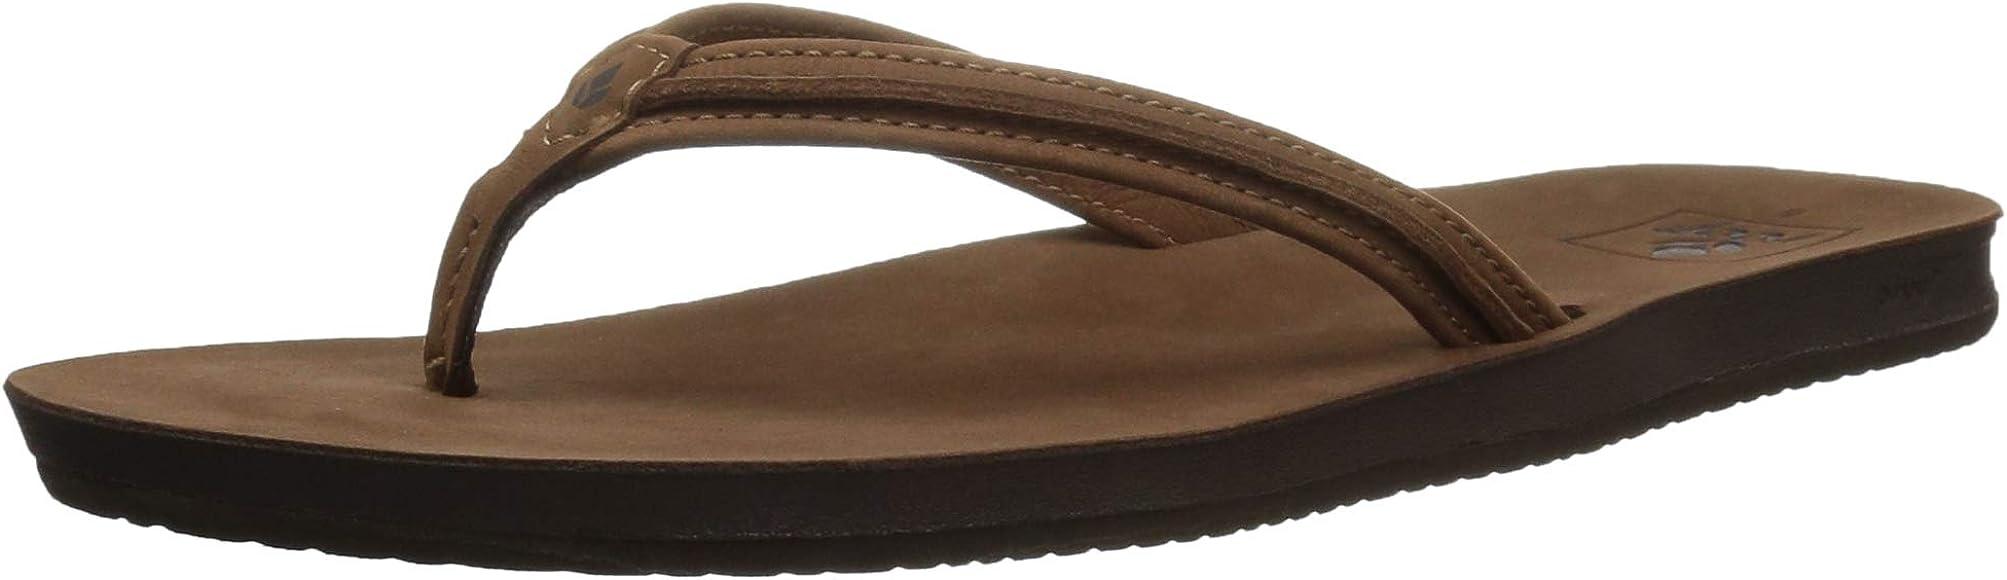 cushion reef sandals